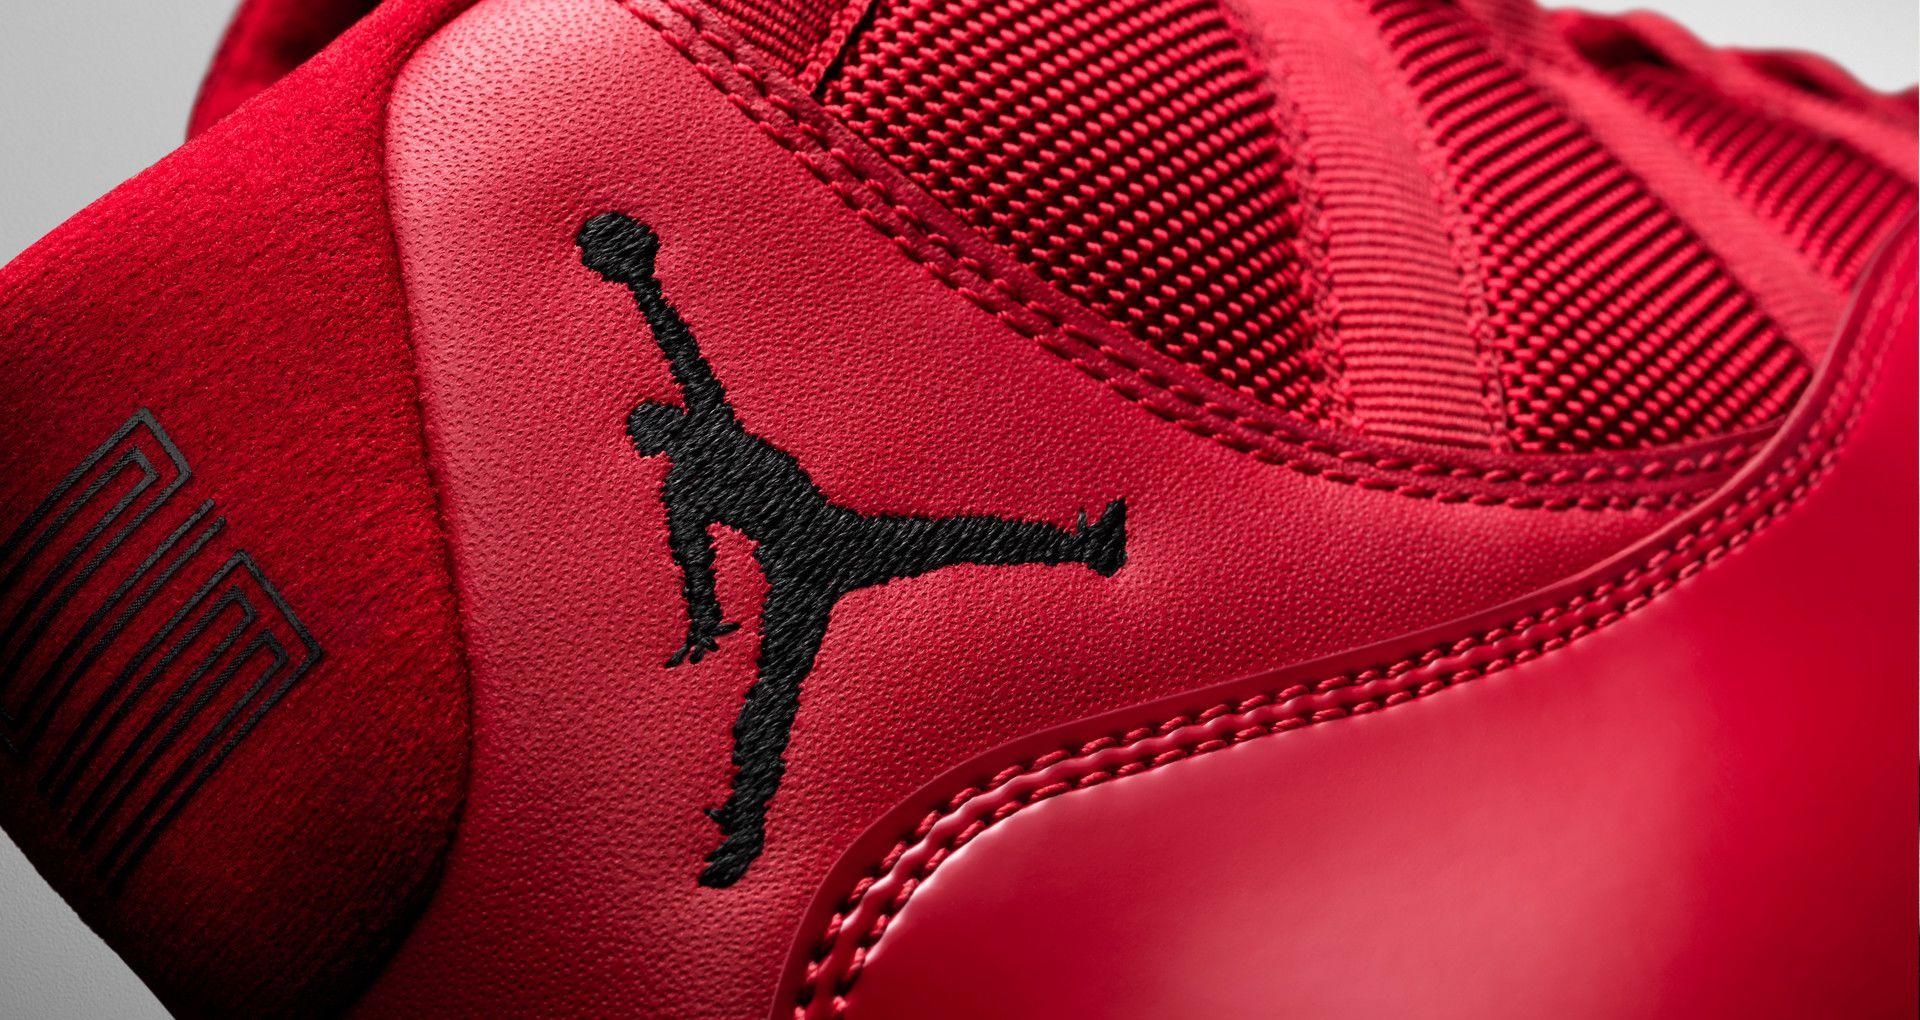 new product 99692 edb7d Air Jordan 11 Retro 'Win Like '96' Release Date. Nike+ SNKRS